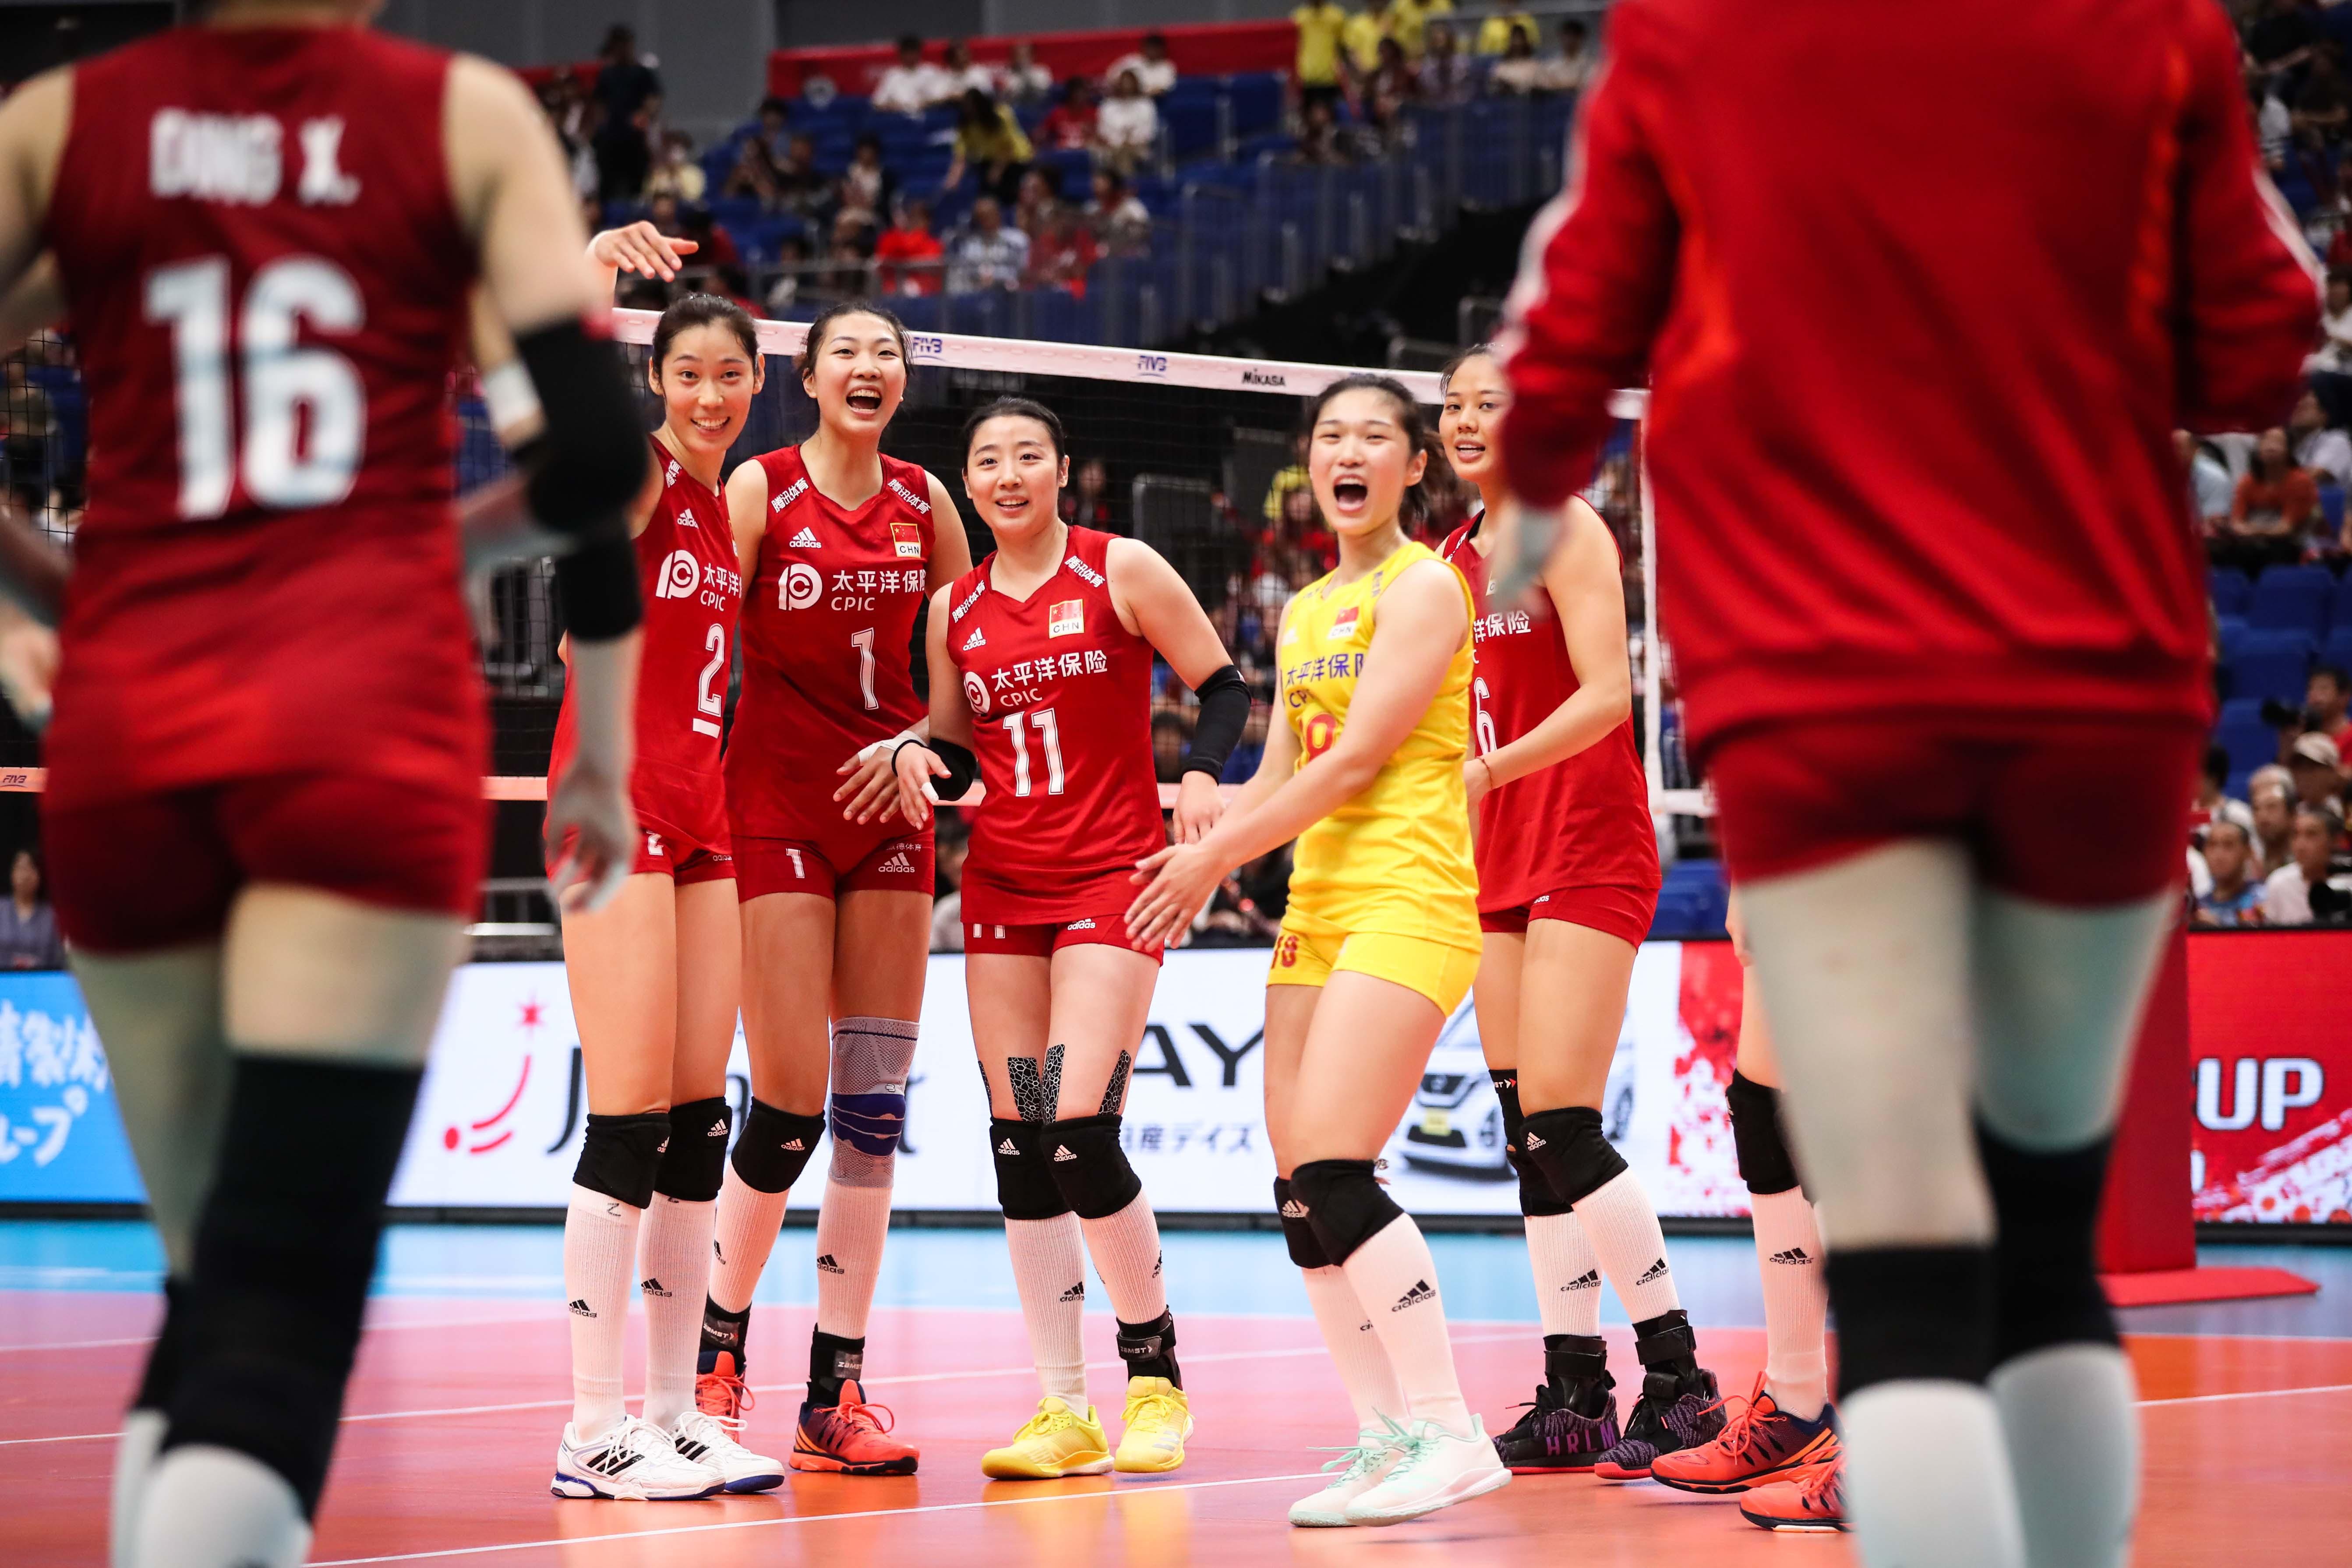 女排世界杯重要比赛赛程公布,中国女排以全胜战绩夺冠会实现吗?